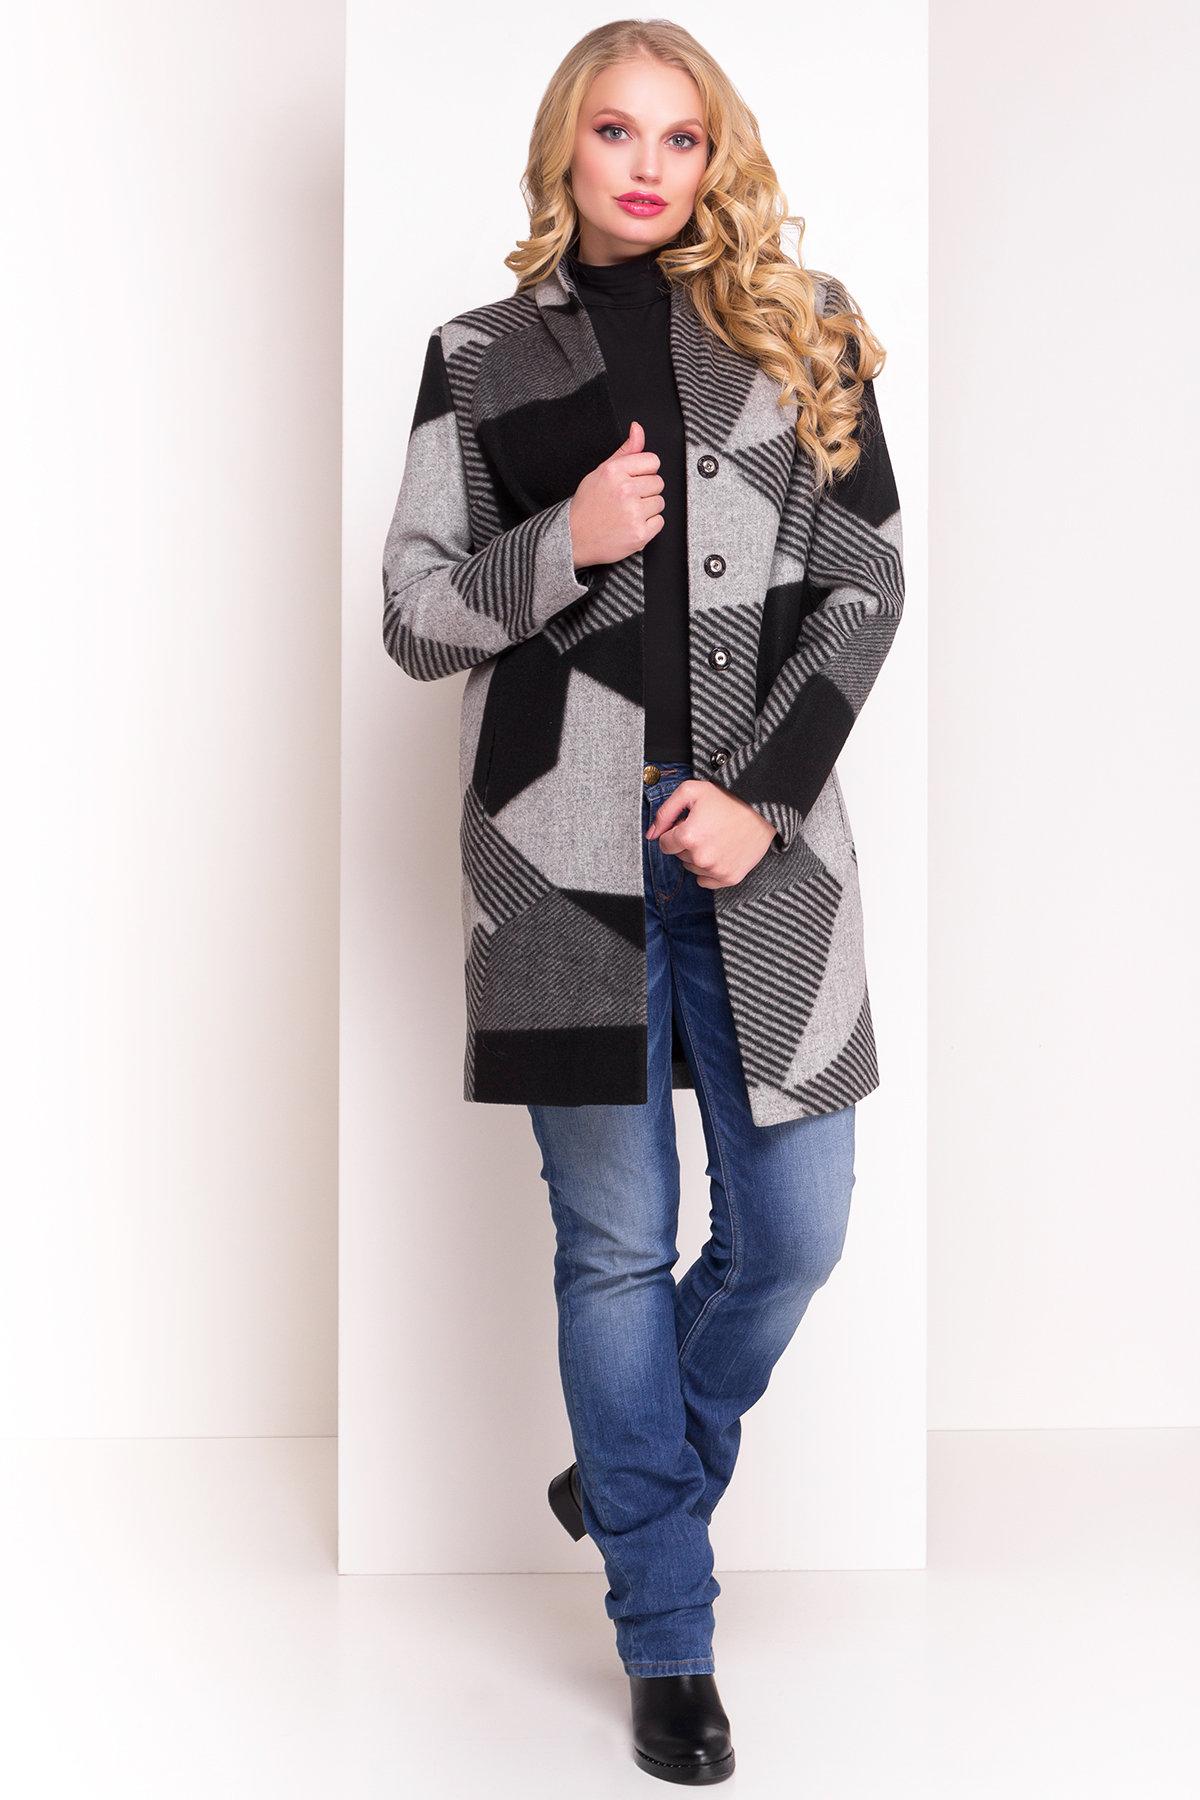 Пальто Арис 0446  АРТ. 6797 Цвет: Черный / серый Д2/С1 - фото 2, интернет магазин tm-modus.ru